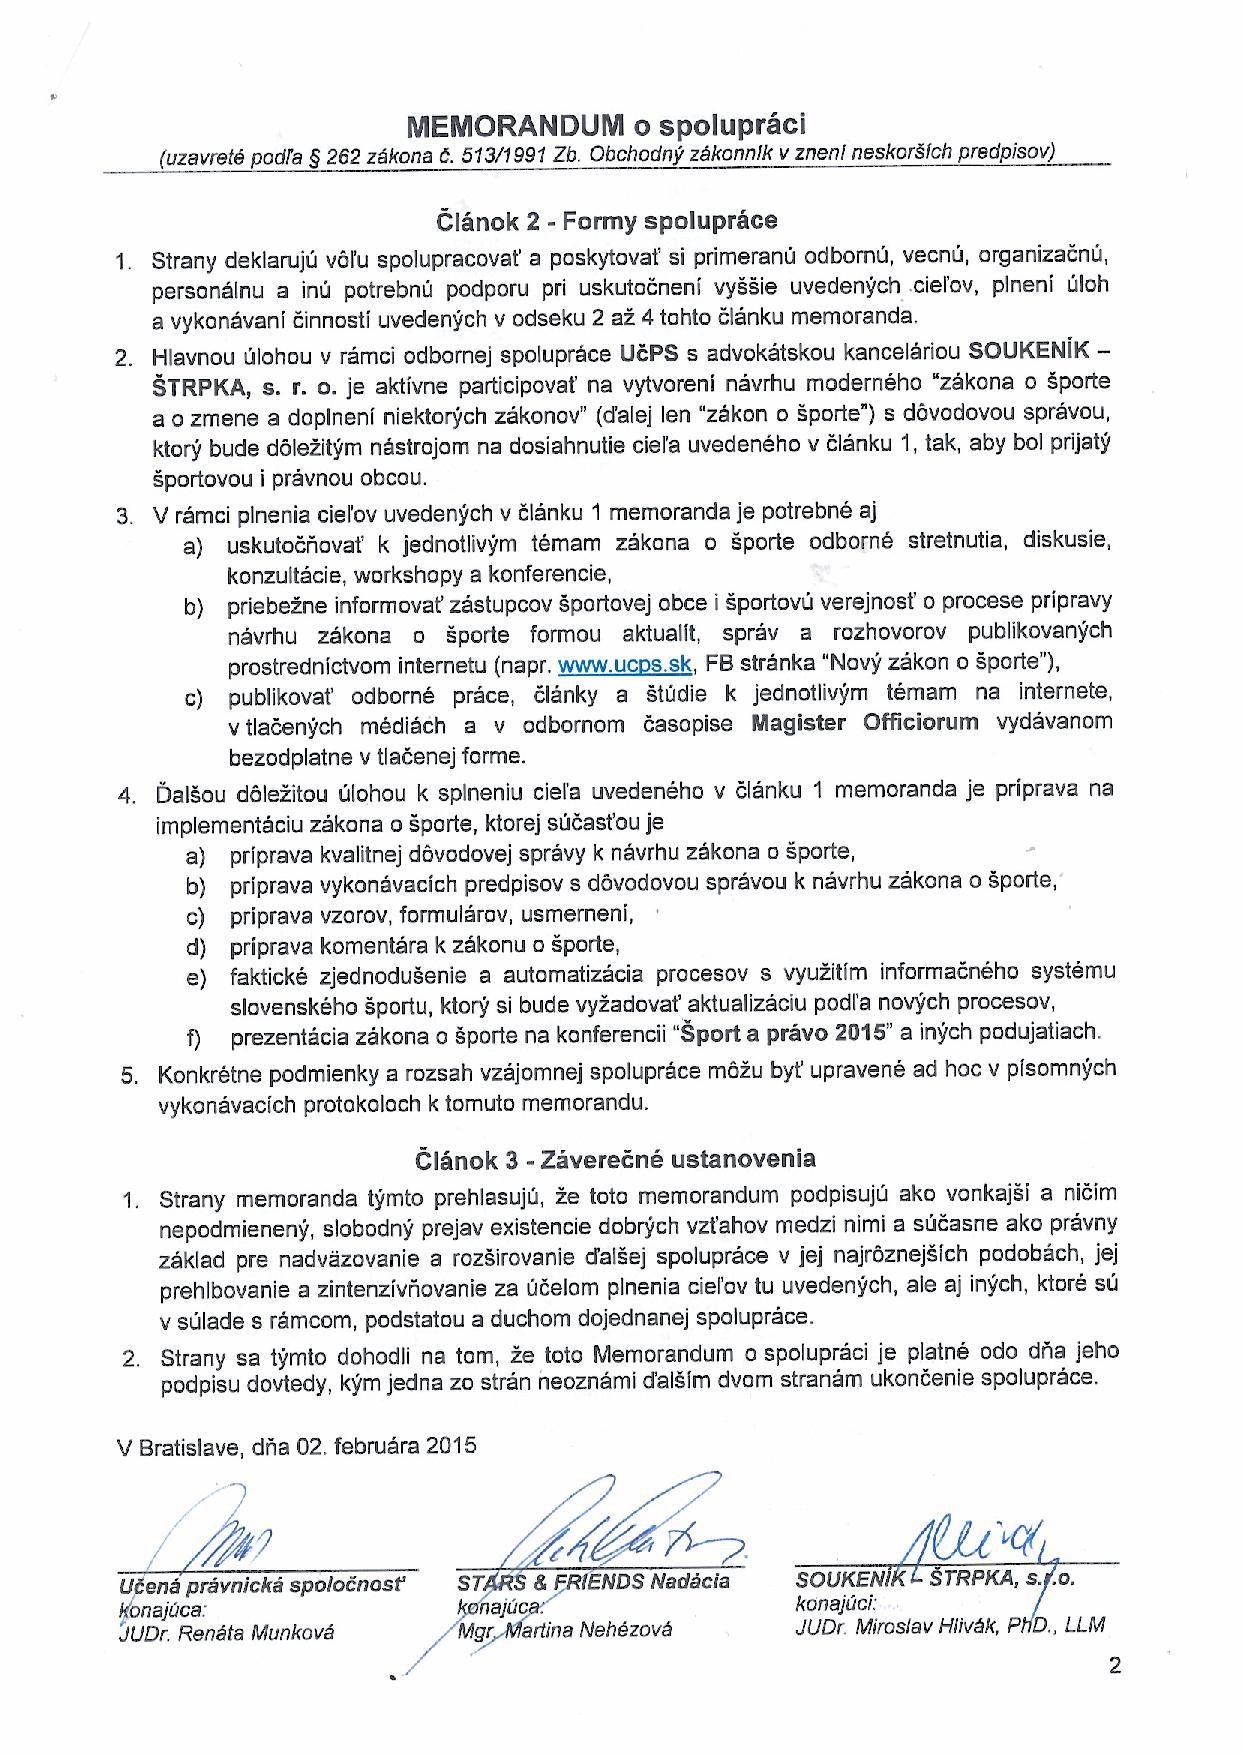 Memorandum_UCPS_AKSS_NADACIA_002